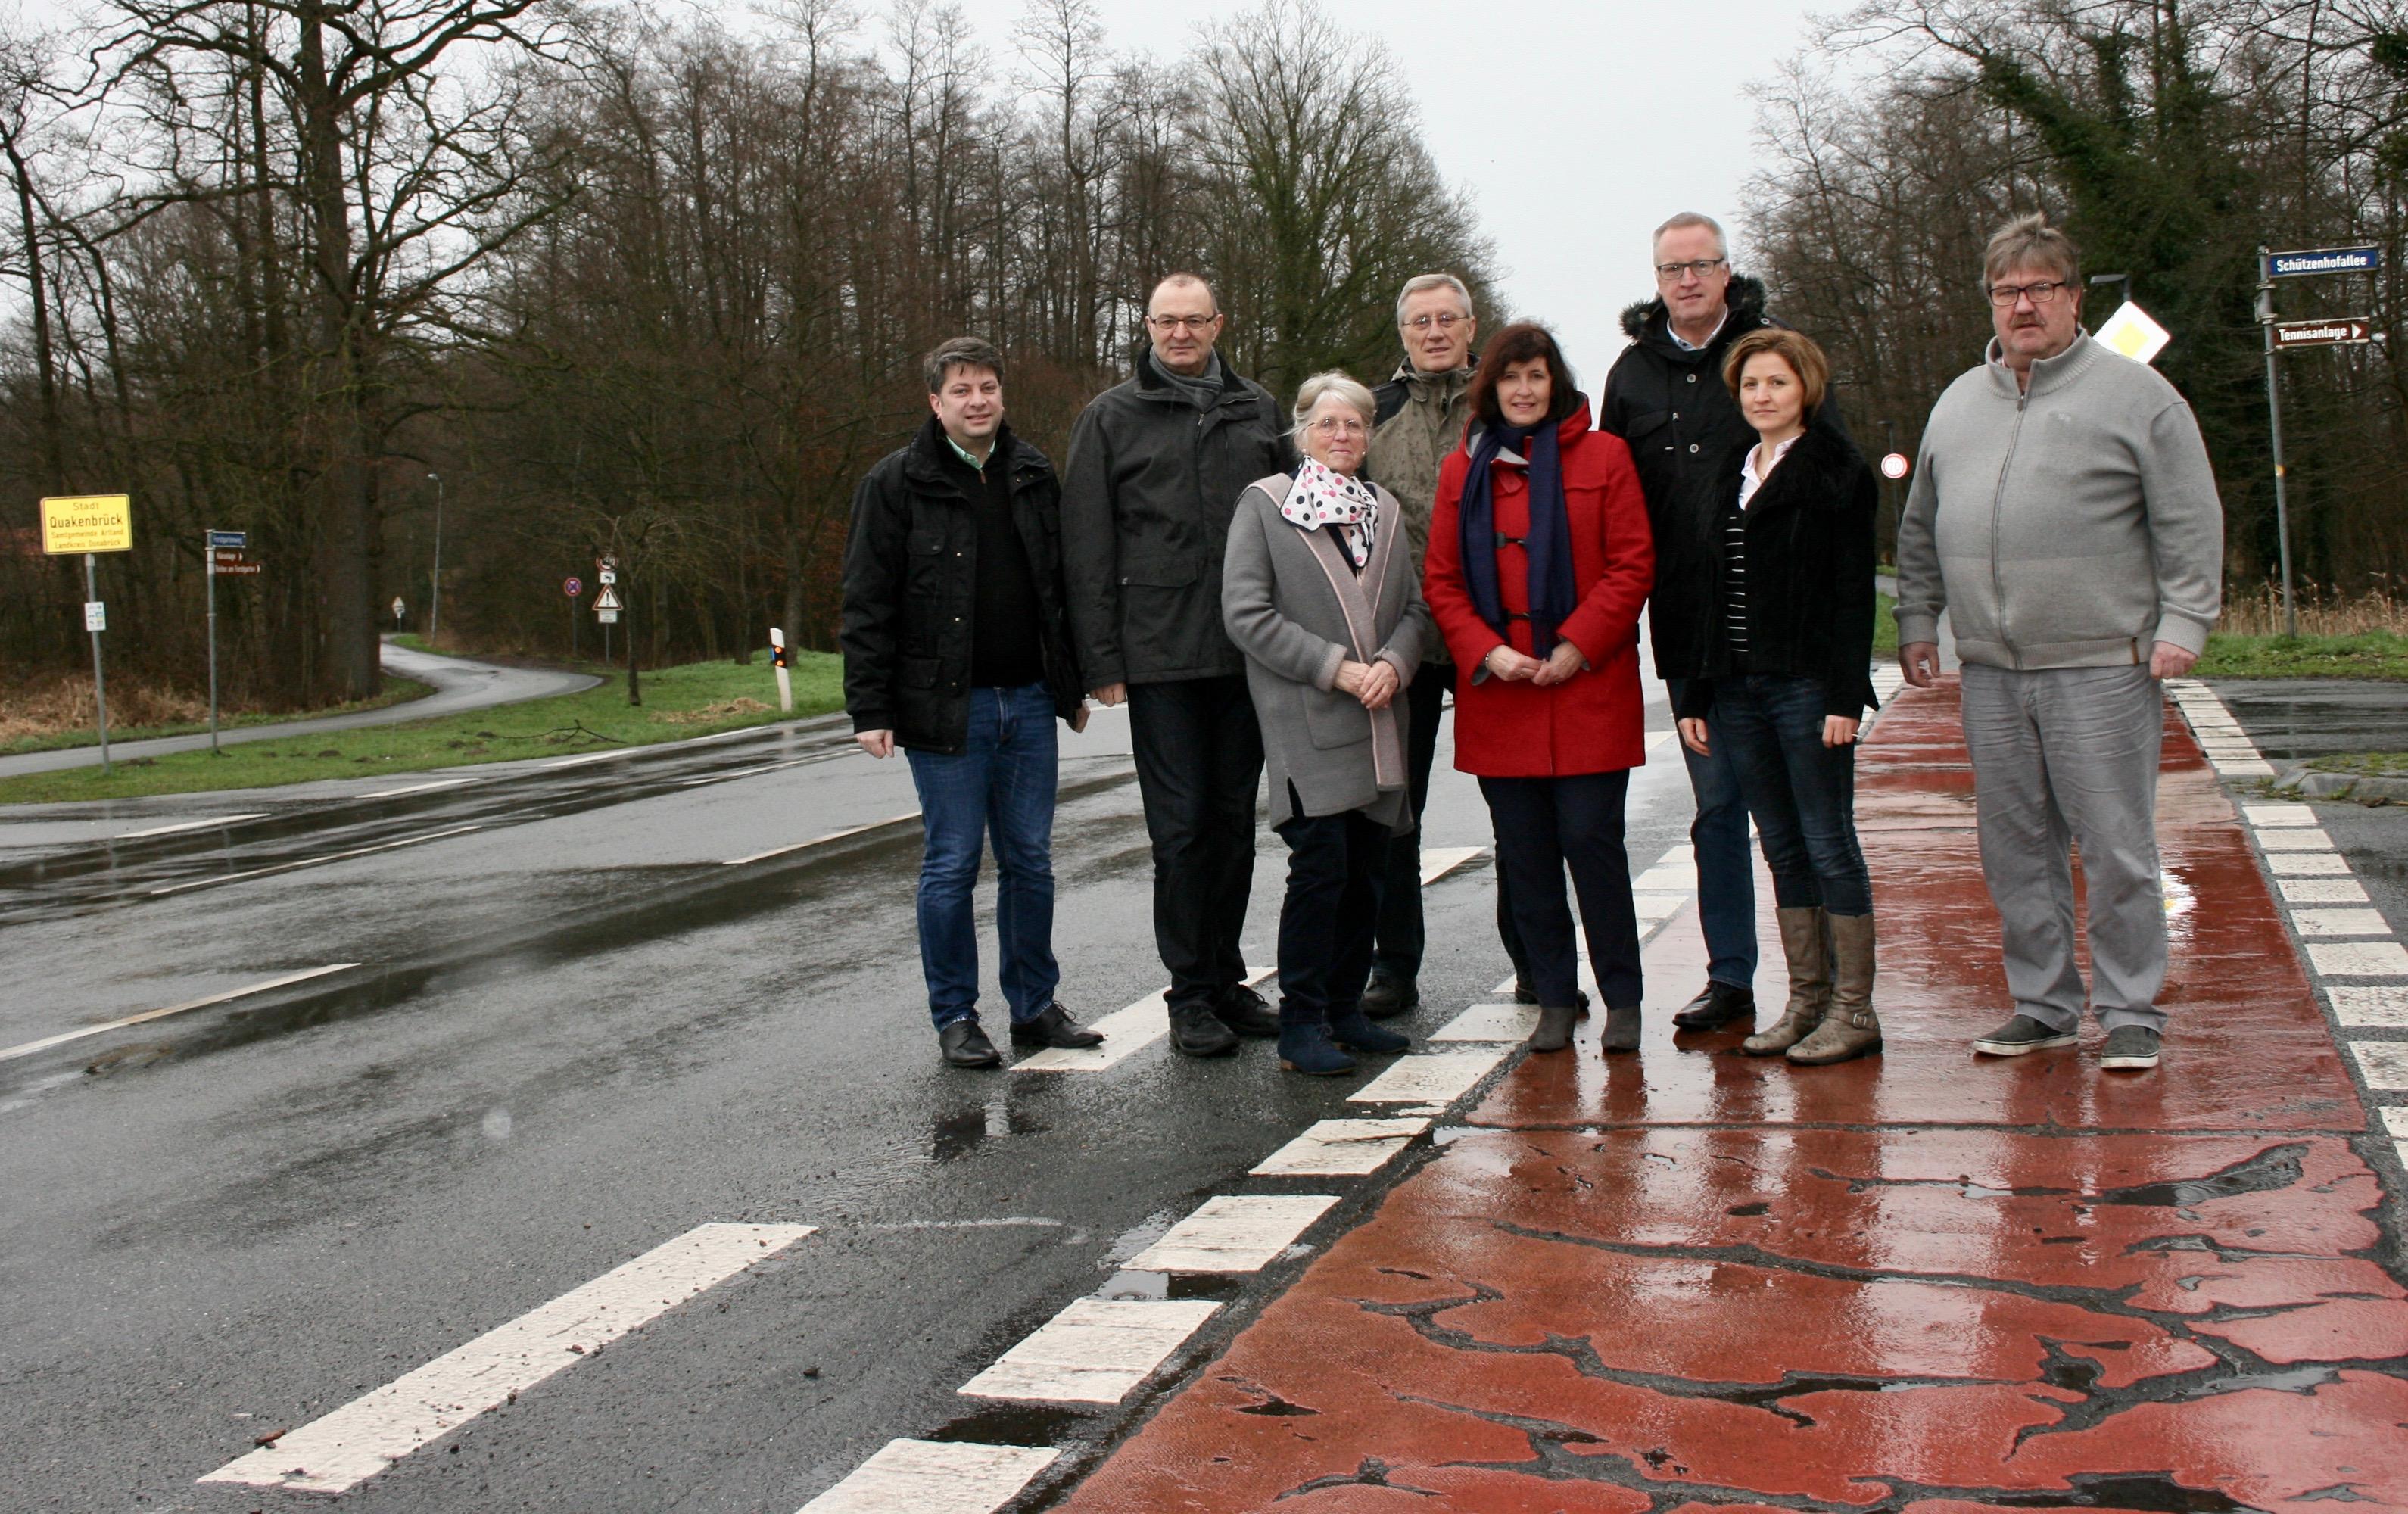 Vor-Ort-Termin an der Kreuzung Wohldstraße/Schützenhofallee/Meyerskamp: Die Planungen für den Kreiselneubau am Ortseingang Quakenbrücks laufen in diesem Jahr an. 2020 soll nach dem Willen der CDU gebaut werden.